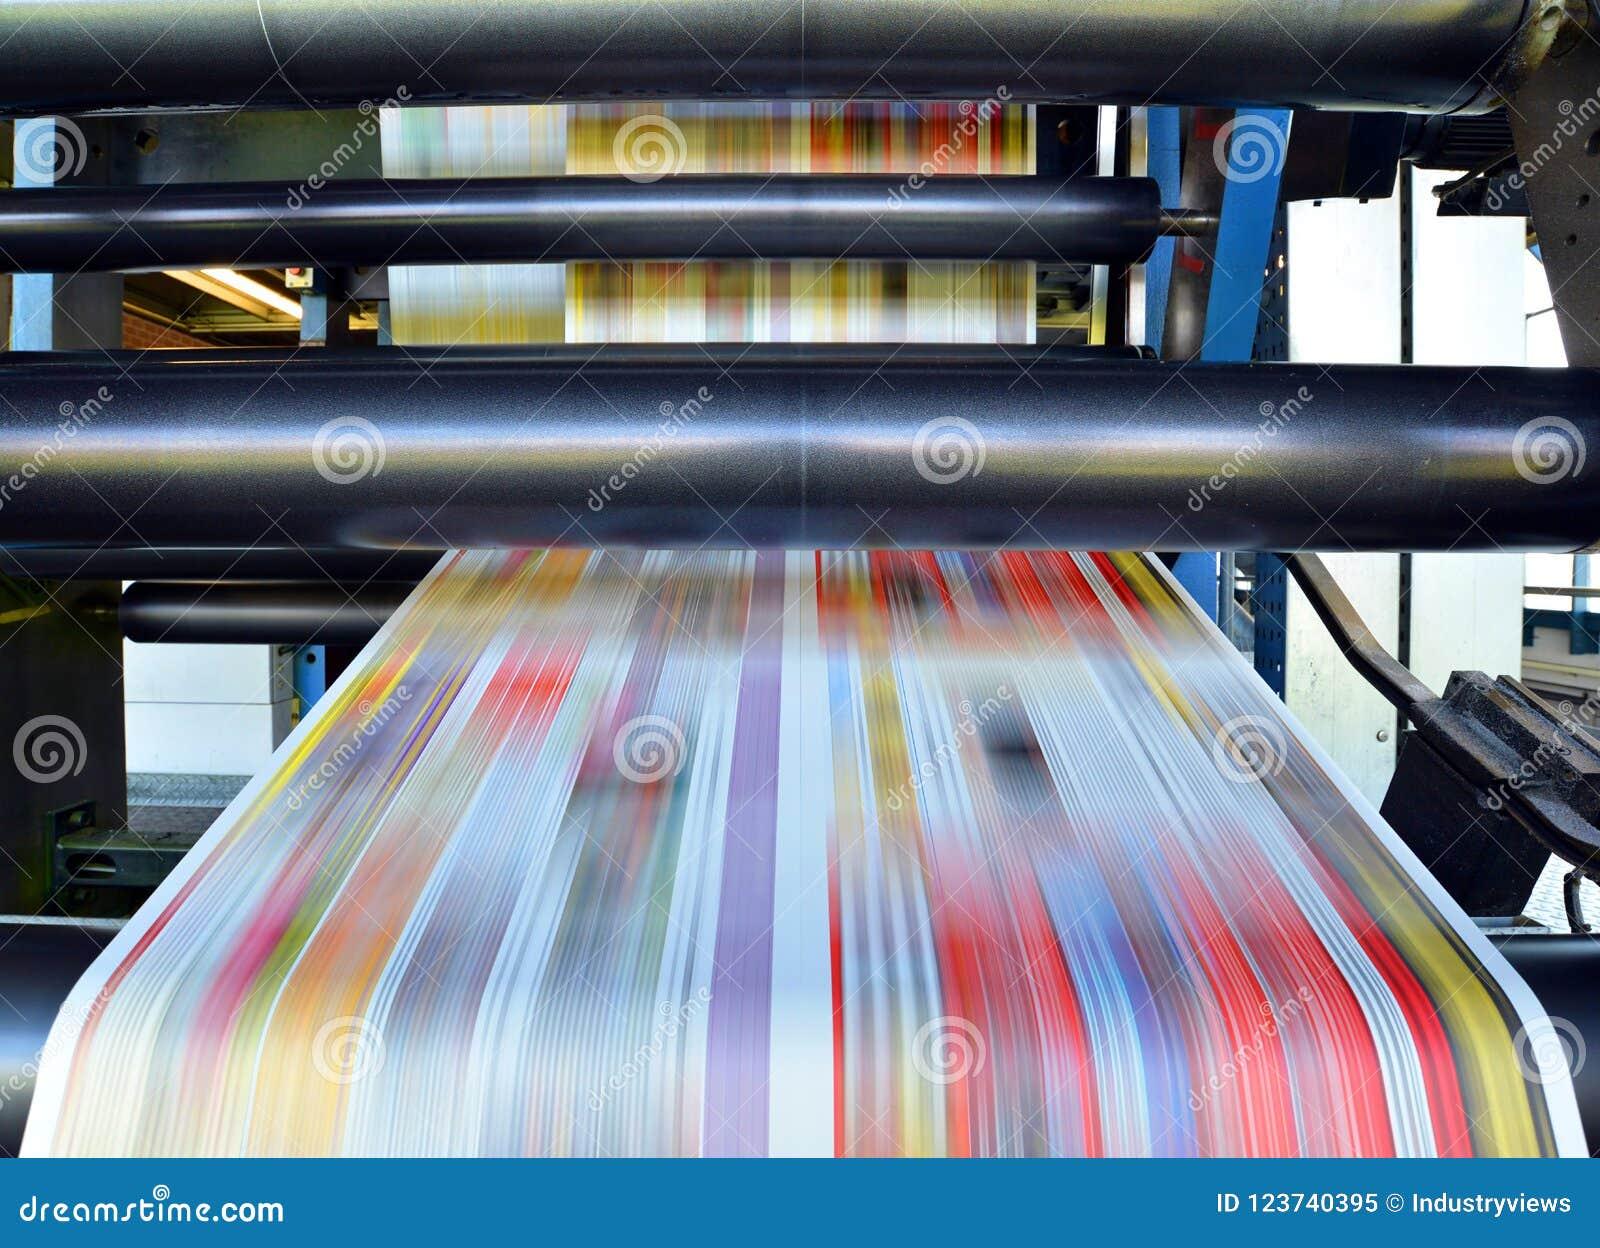 卷垂距印刷品机器在生产的o一家大印刷字体商店